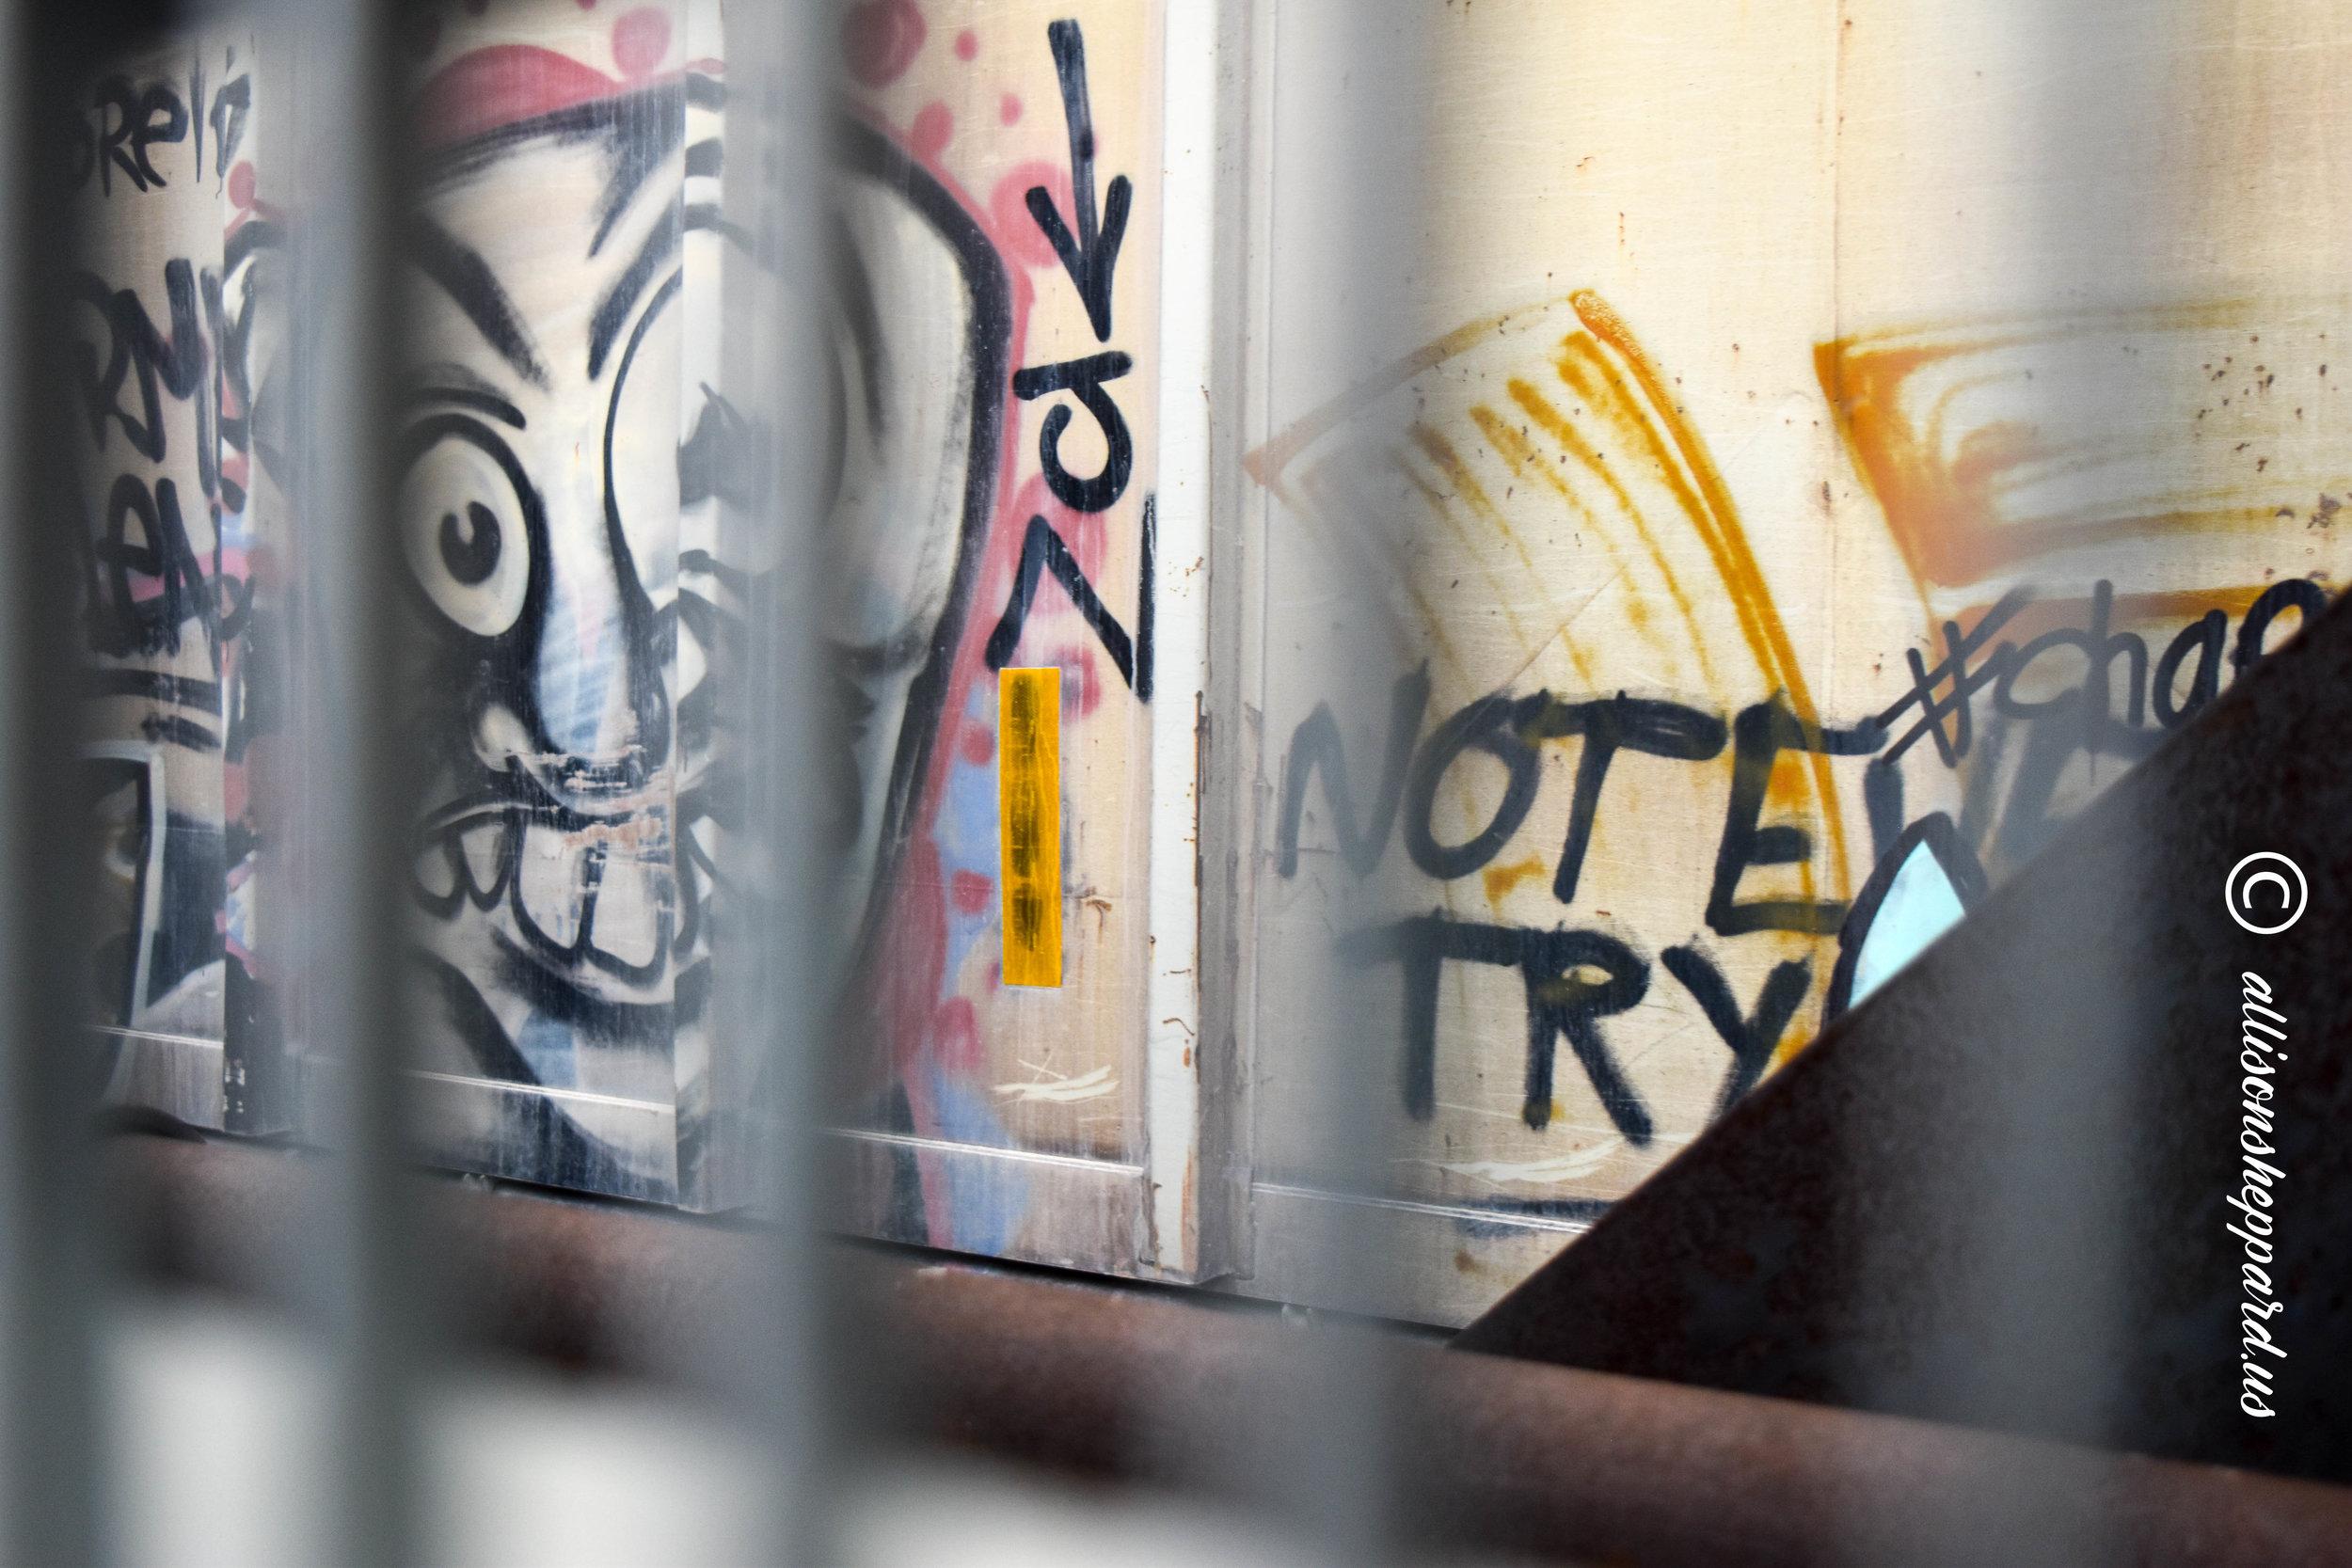 BRC-train-scary face graffiti.jpg